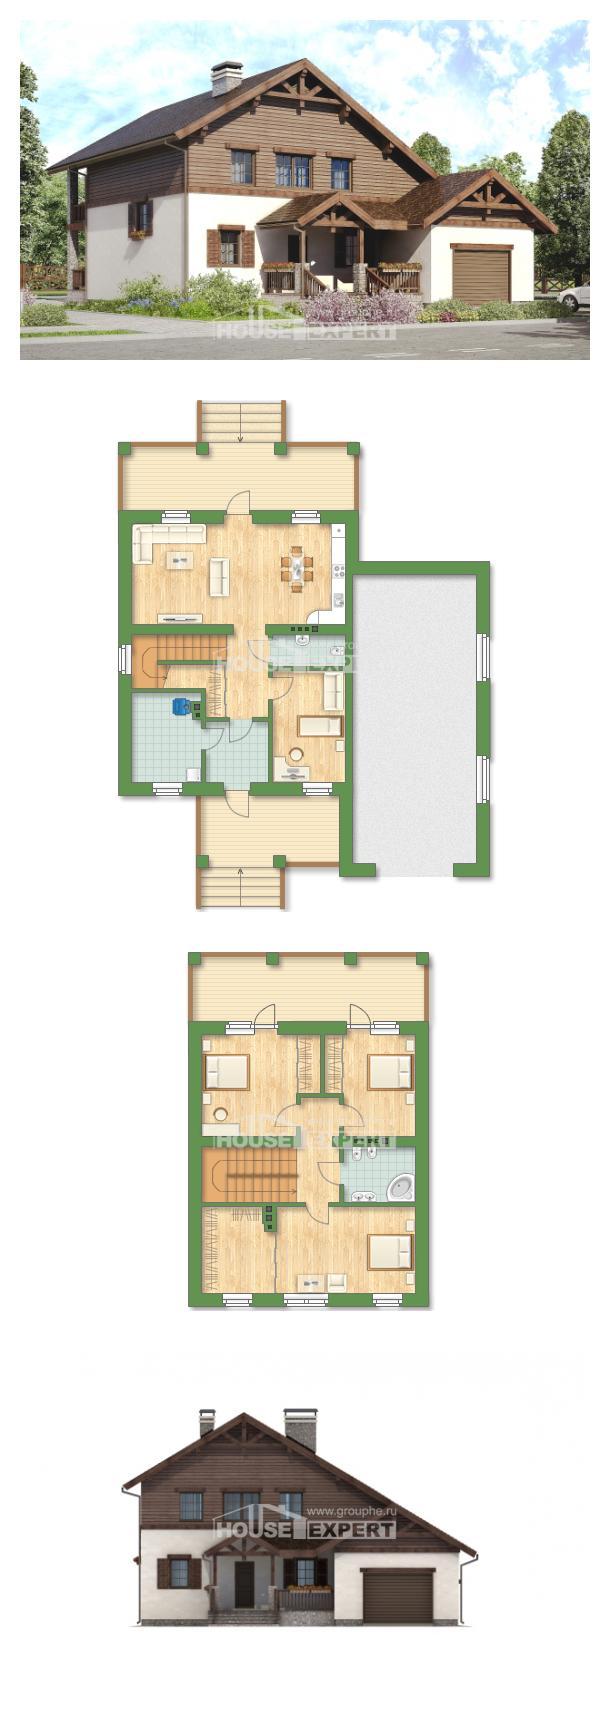 Plan 200-003-R | House Expert